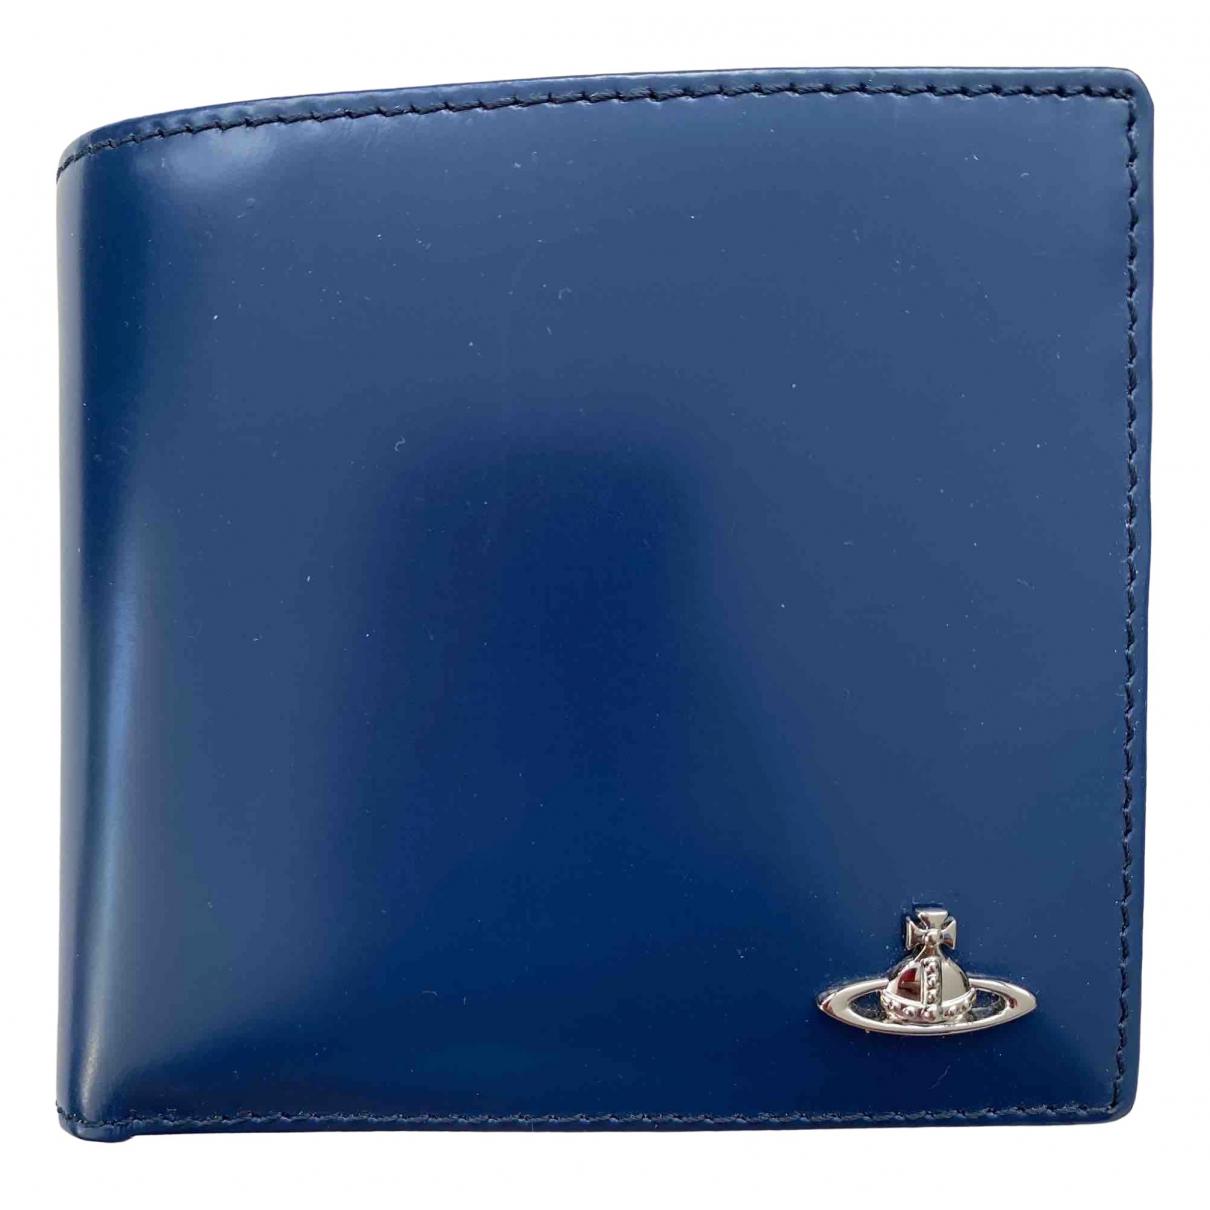 Vivienne Westwood \N Kleinlederwaren in  Blau Leder